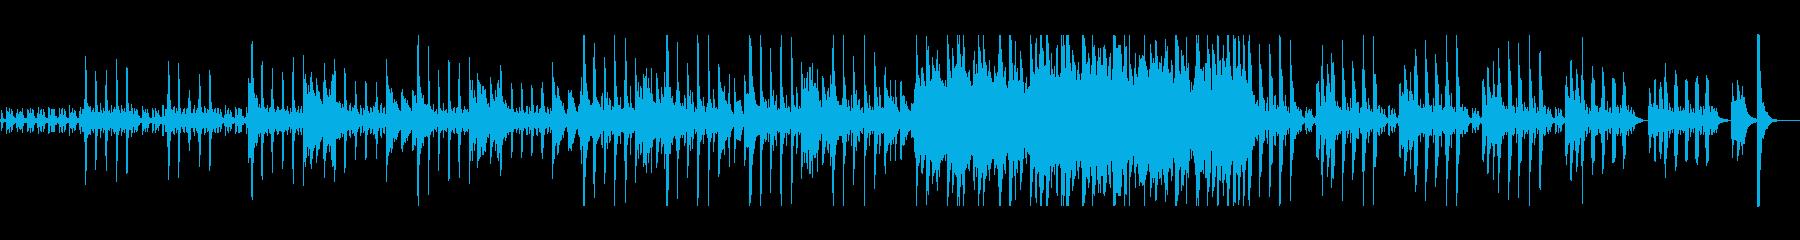 平穏なストリング行進曲の再生済みの波形